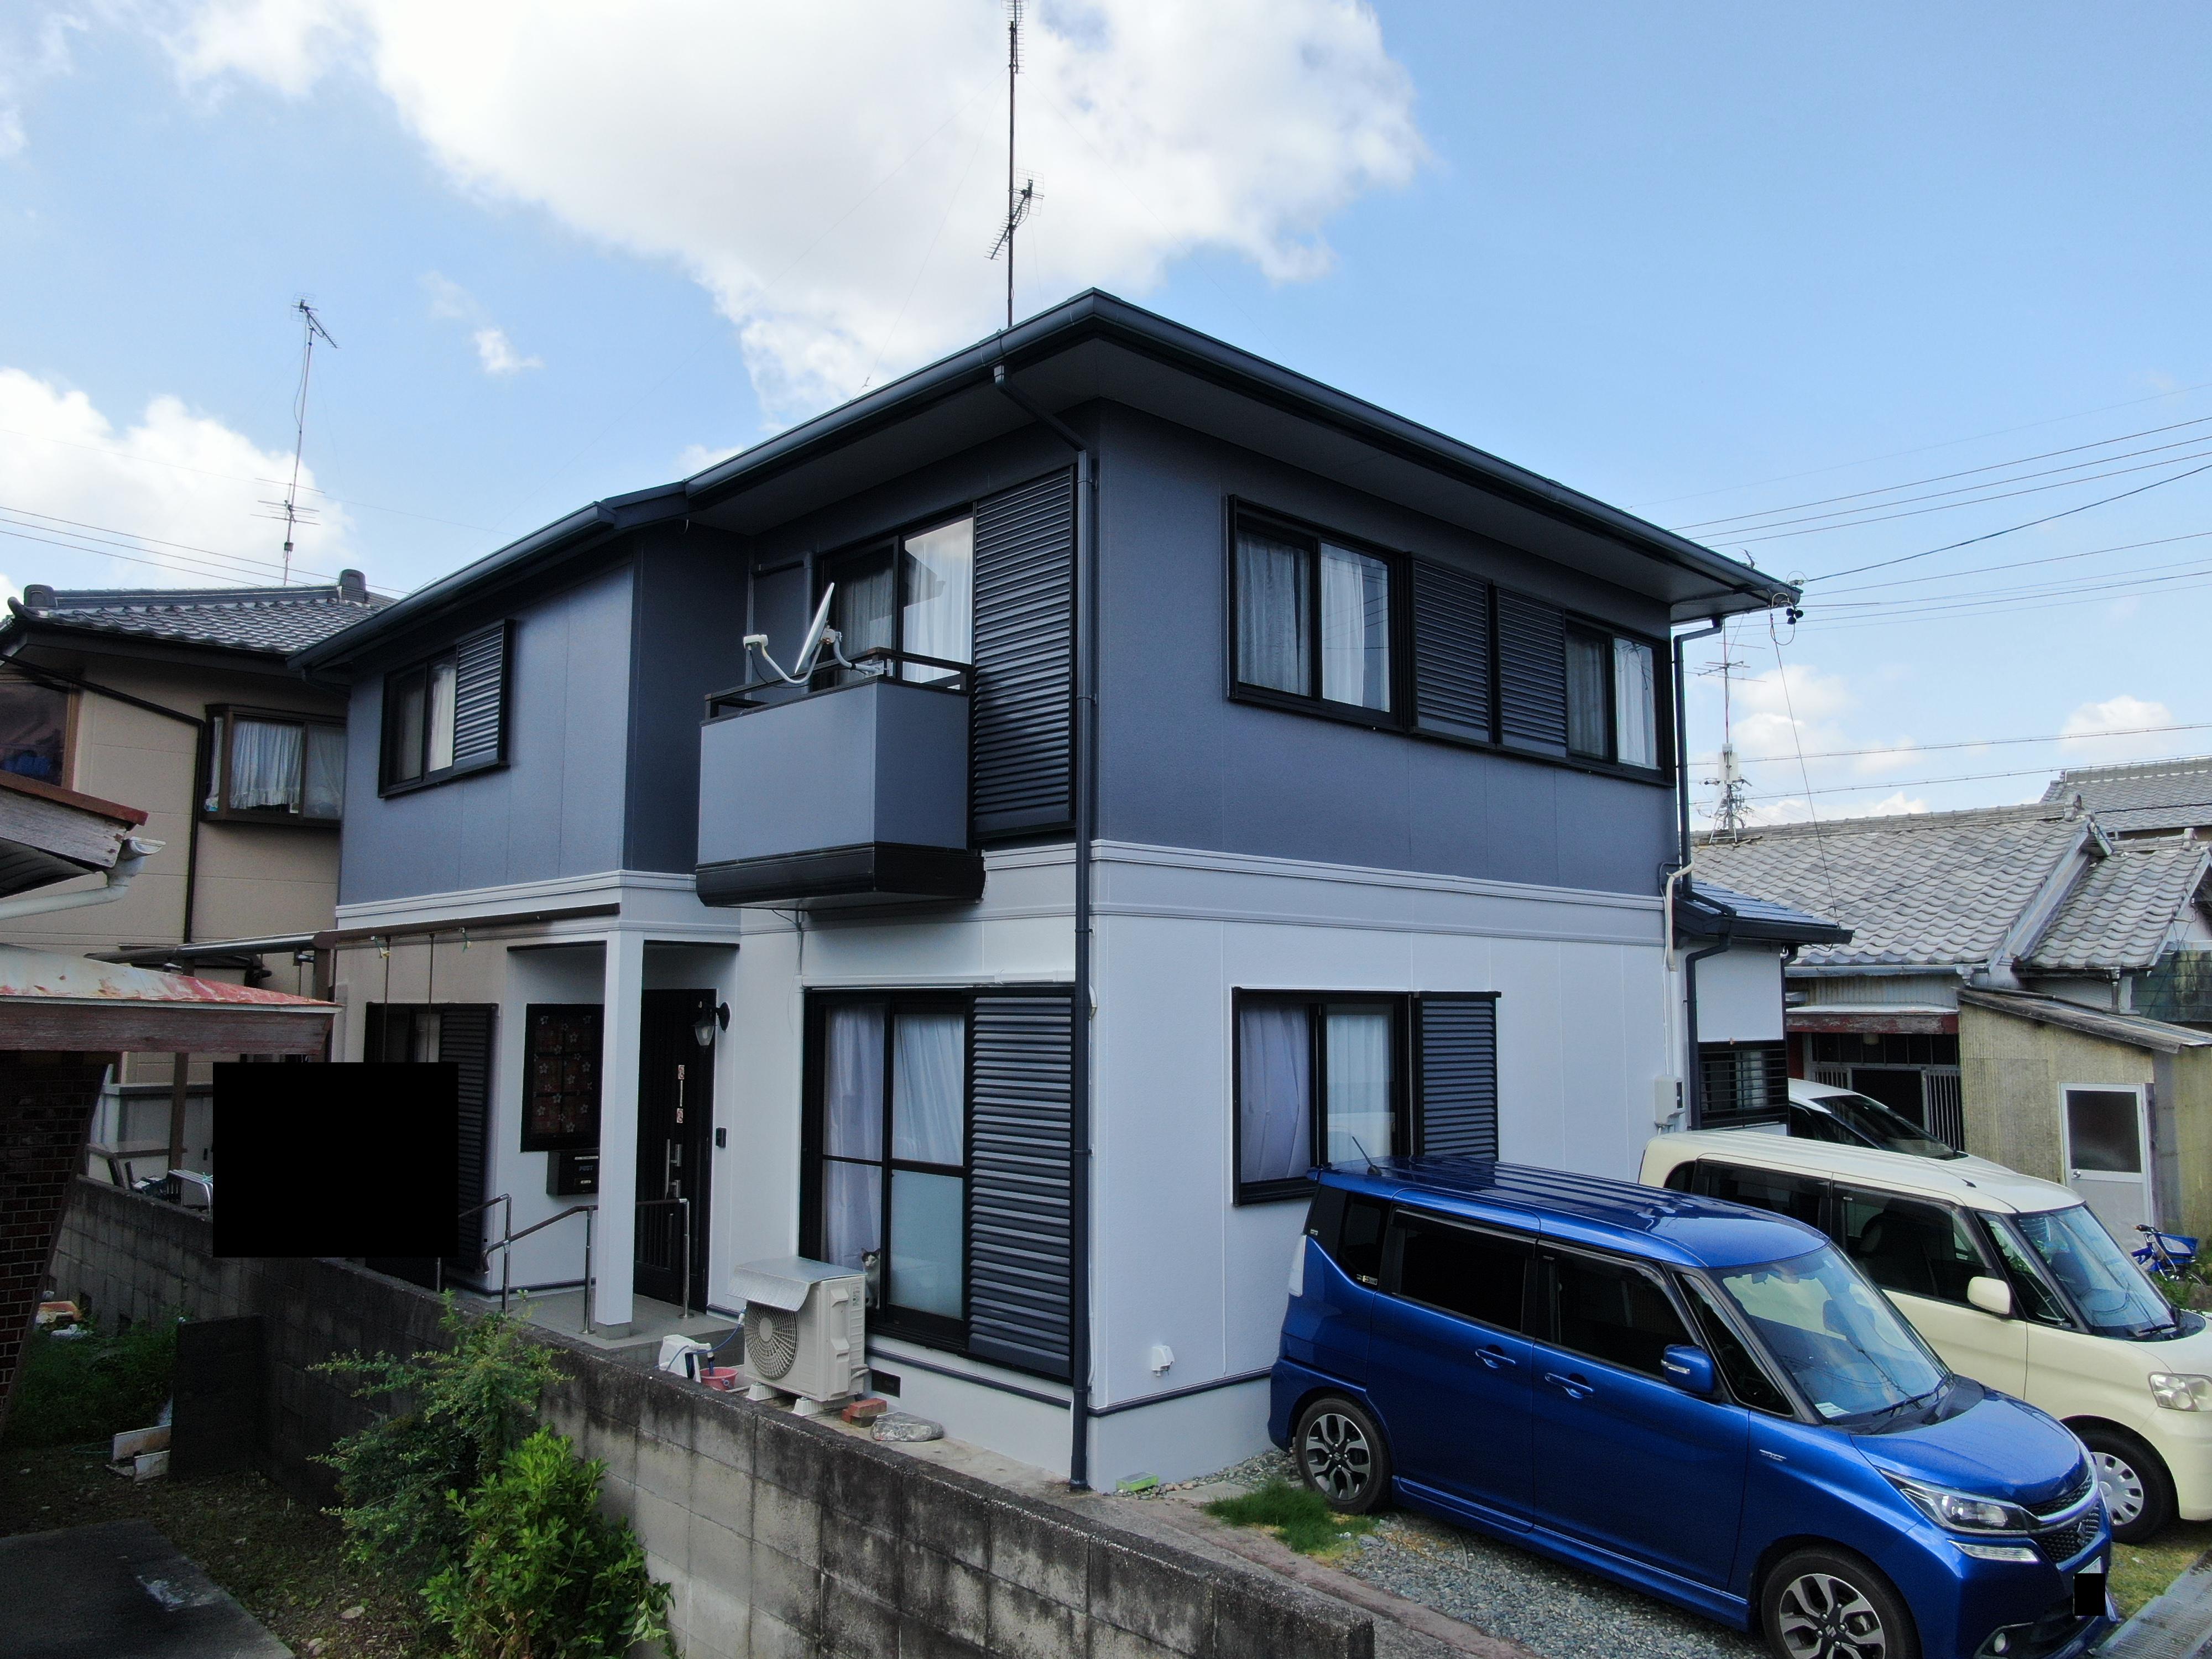 浜松市南区三和町Kさま外壁・屋根塗装完成しました。外壁塗装の事なら浜松塗装専門店|加藤塗装